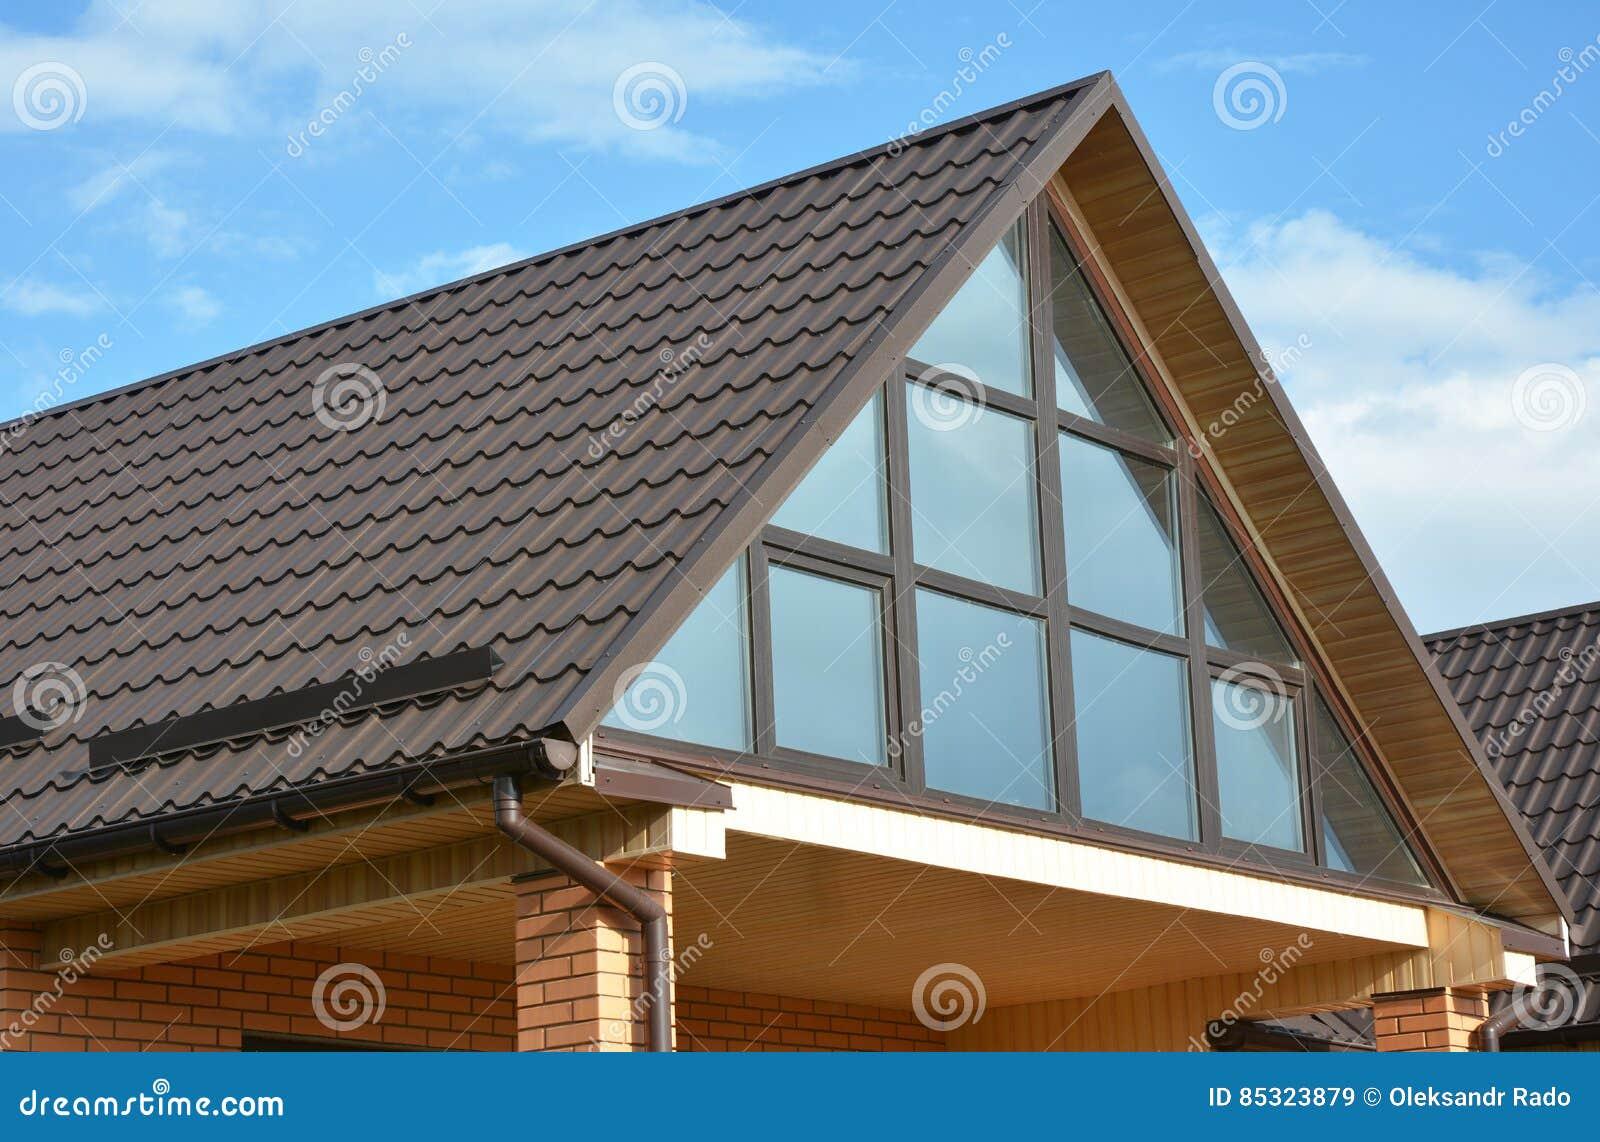 Modern huis met metaaldakwerk, panoramisch venster, dakraam, dakvenster en dakgootsysteem